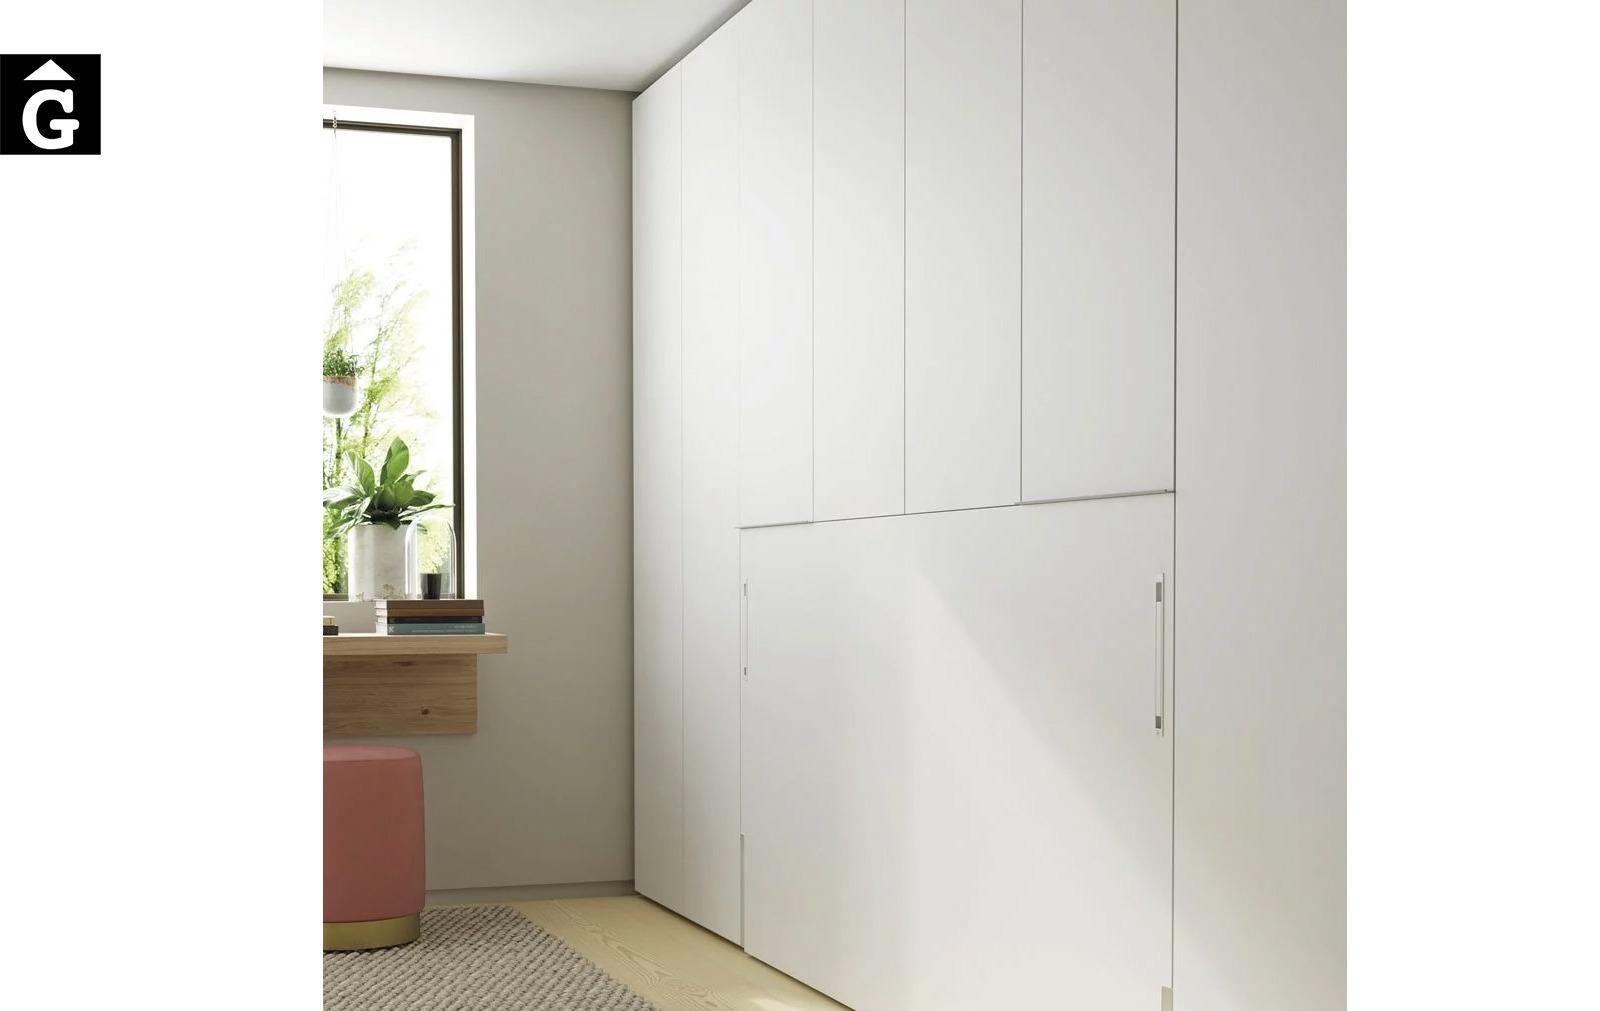 Habitacio estudi amb armari llit abatible | Detall armaris | Up & Down | llits abatibles | Pràctics, saludables i segurs | Jotajotape | mobles Gifreu